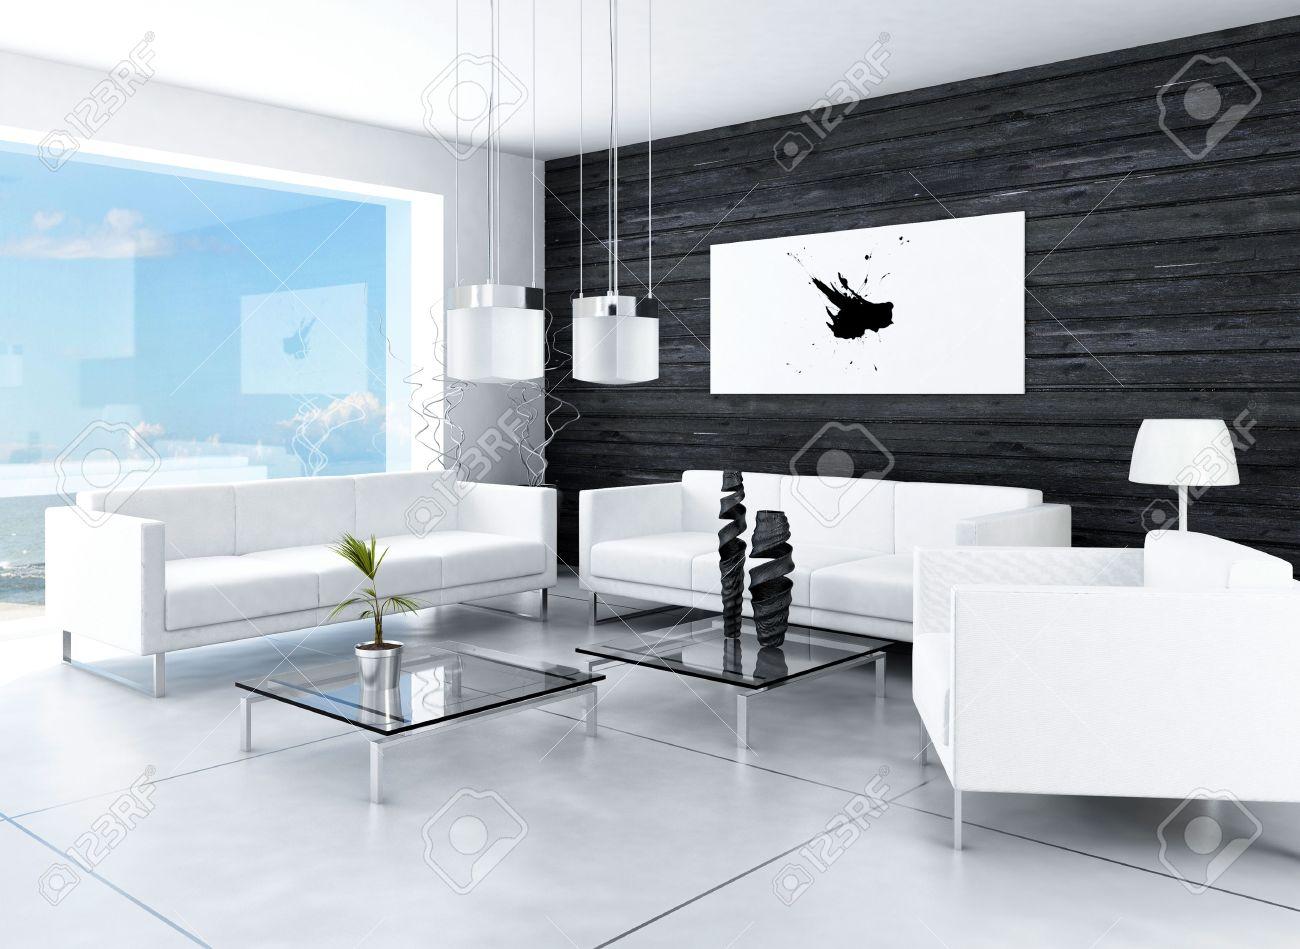 le design moderne interieur de salon noir et blanc